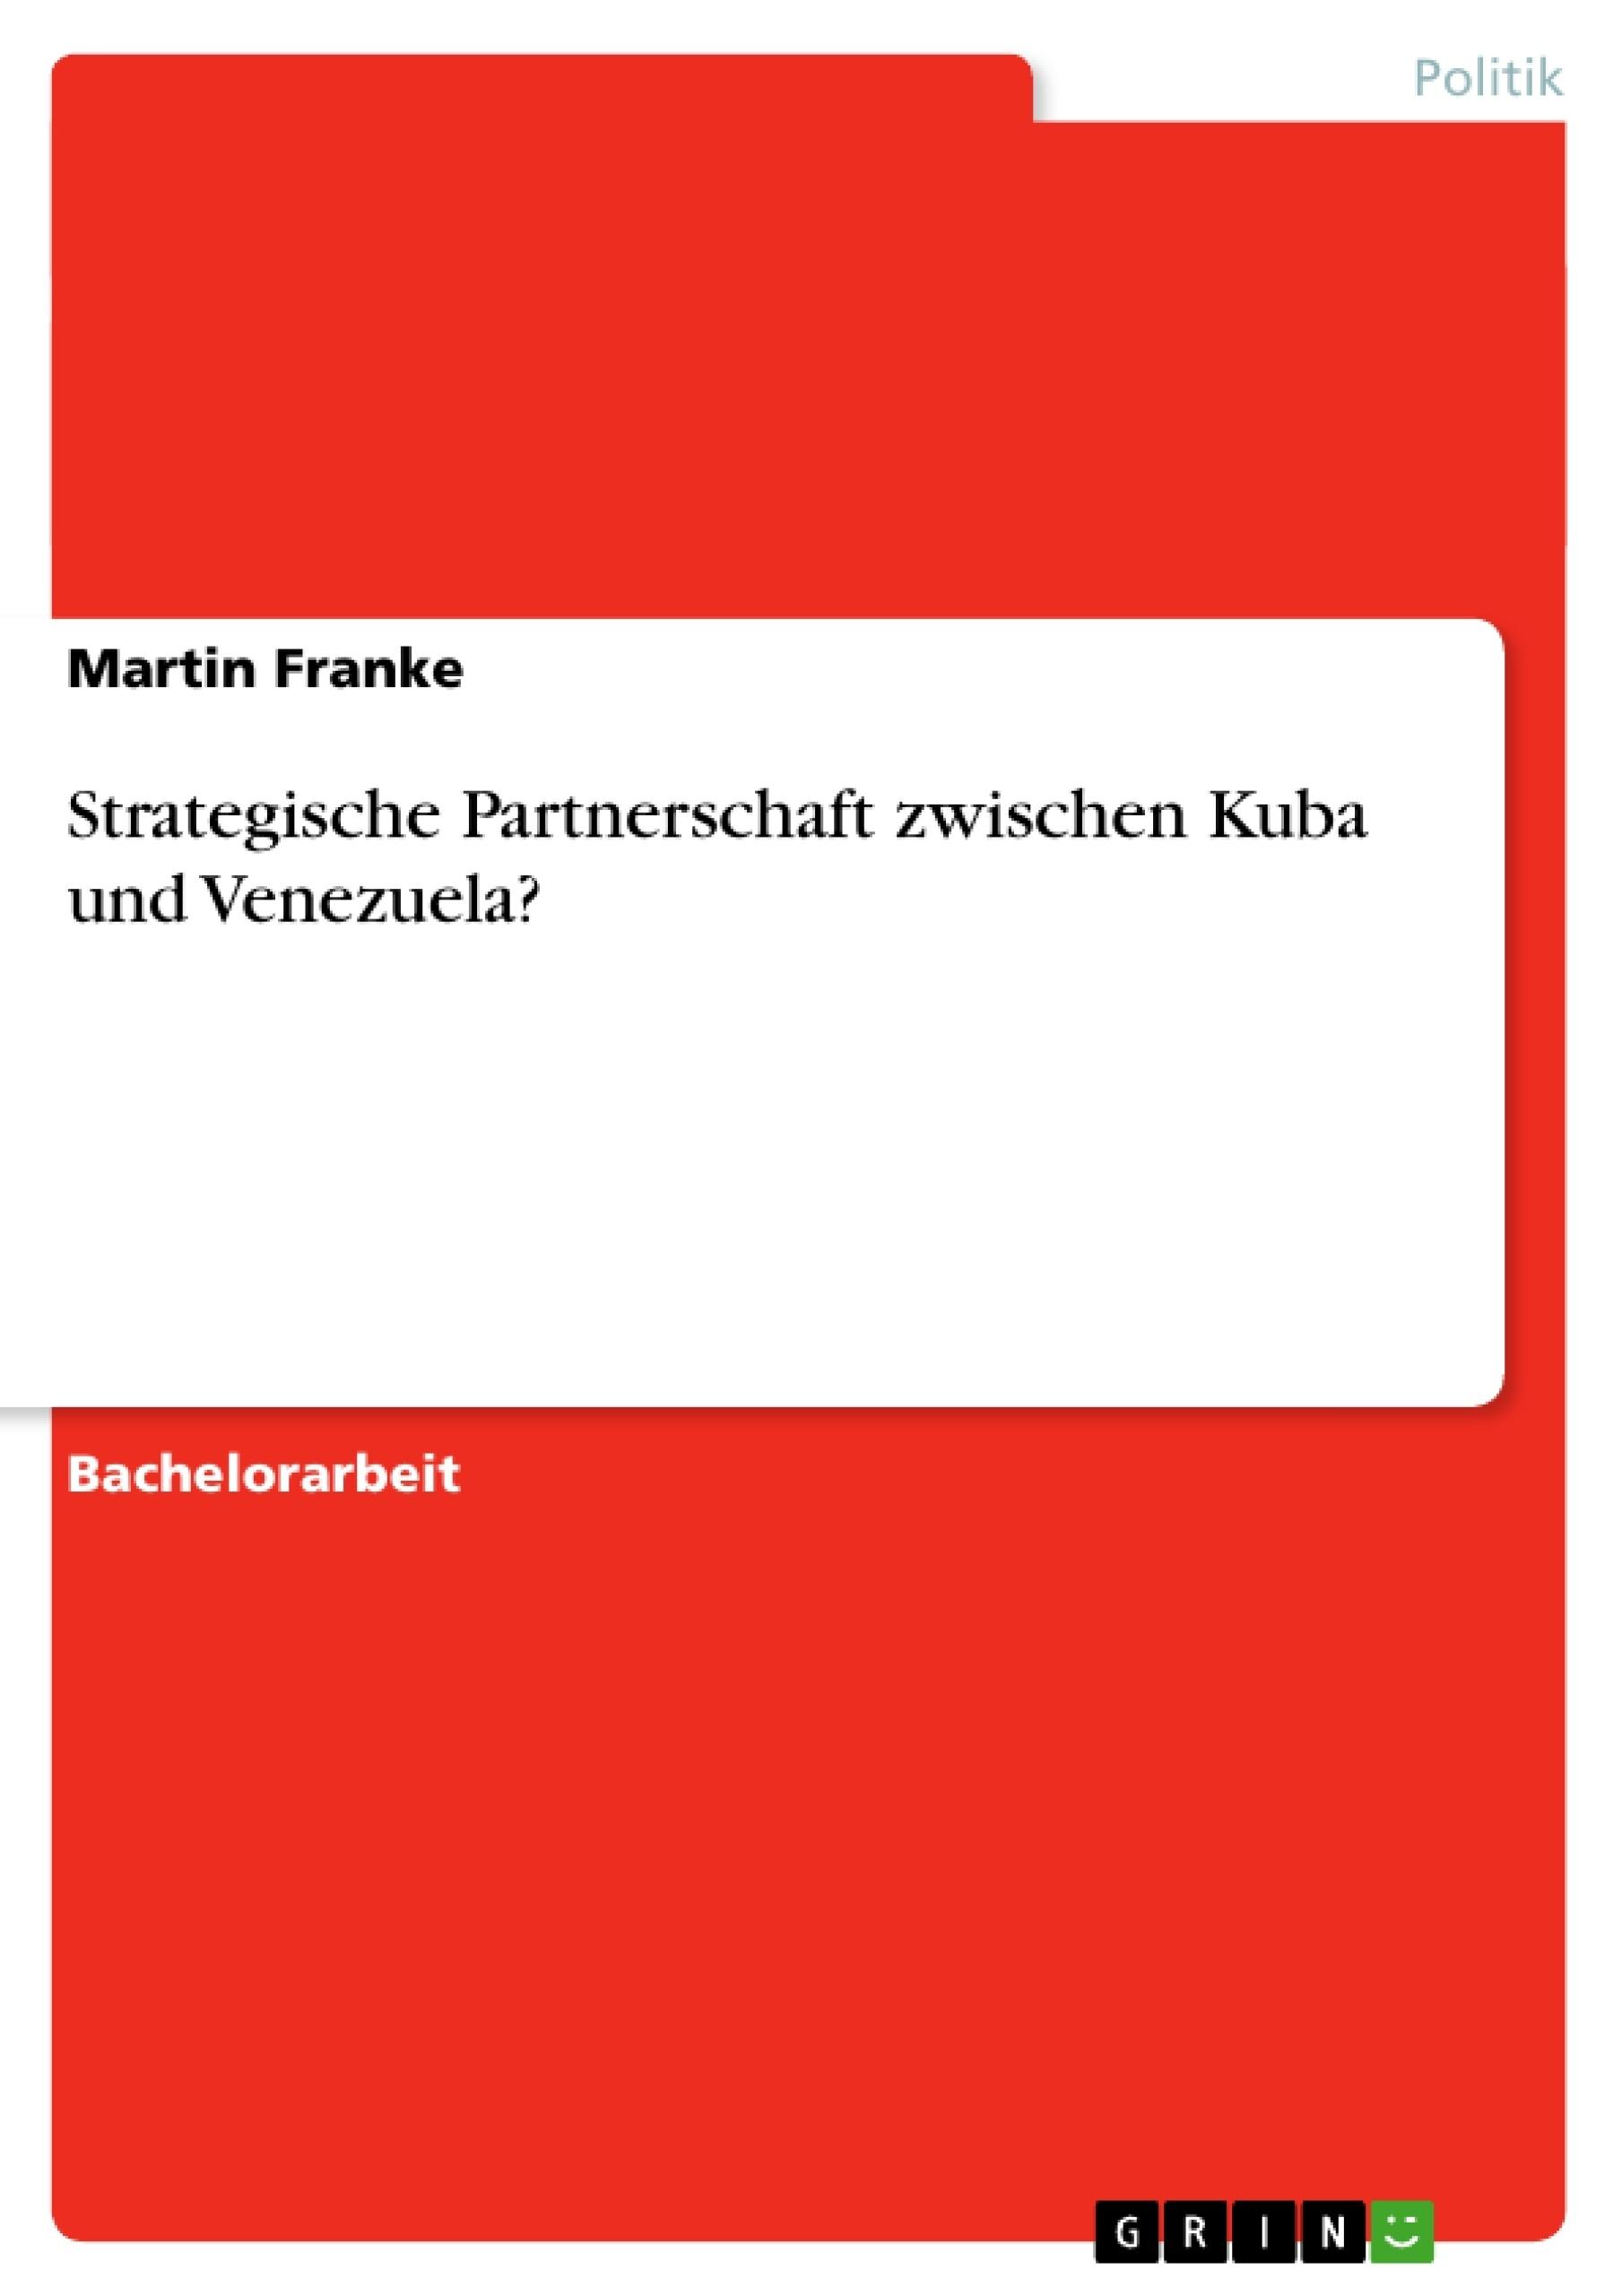 Titel: Strategische Partnerschaft zwischen Kuba und Venezuela?